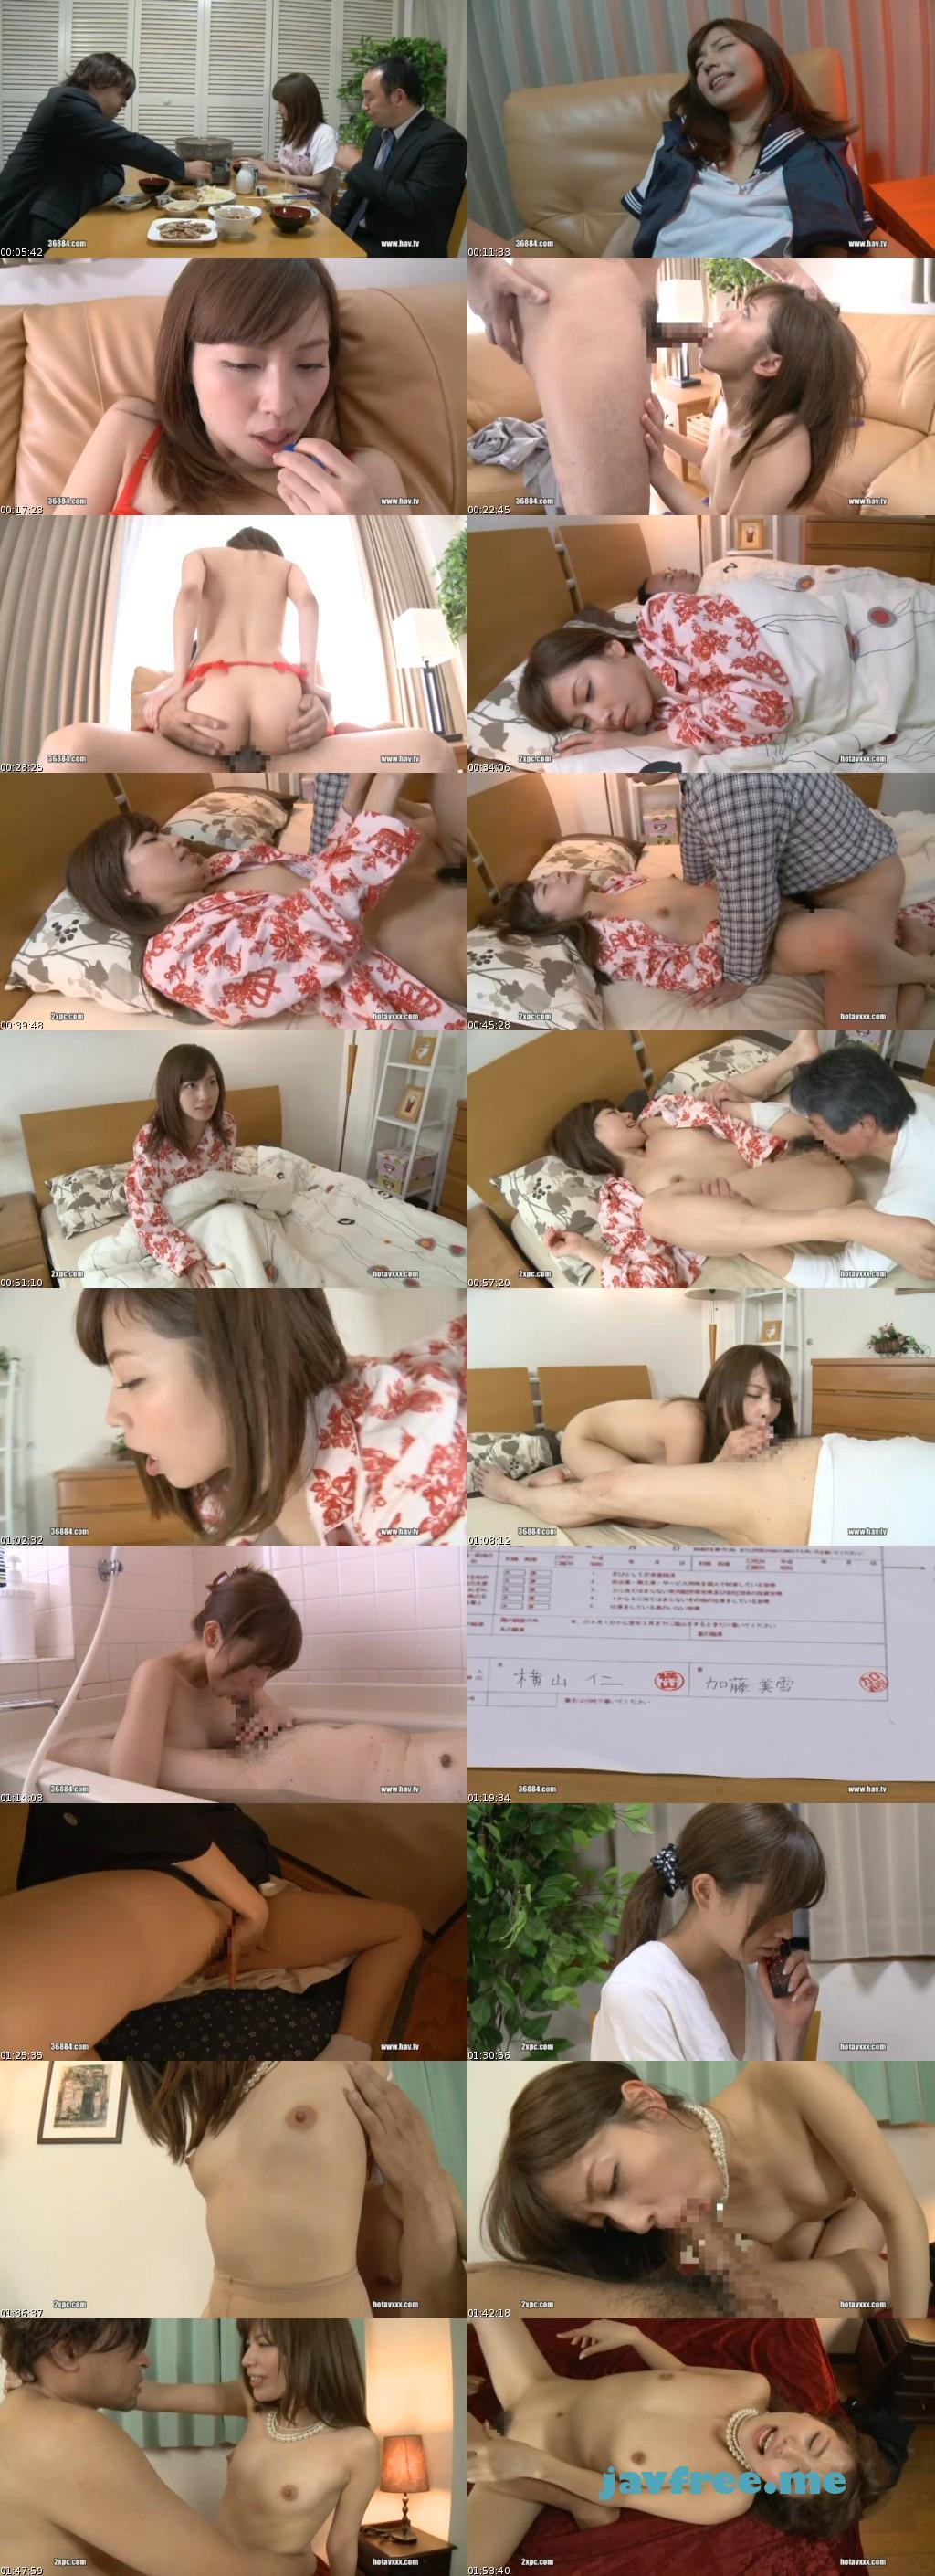 [MXGS 536] 麗しの美人妻 〜義父と夫に愛されて〜 横山美雪 横山美雪 マキシング MXGS